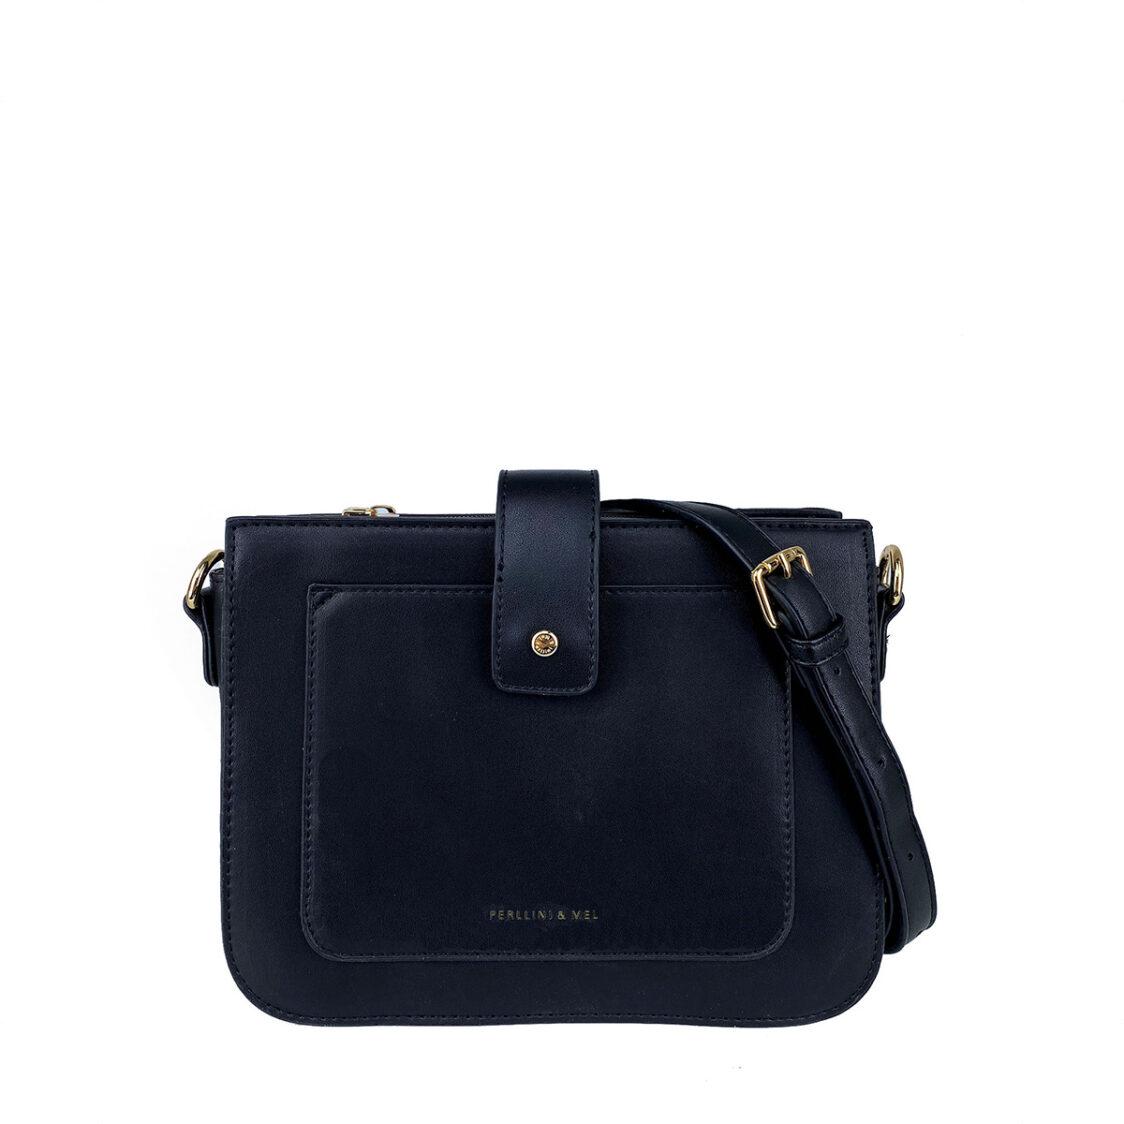 Perllini  Mel Sling Bag With Front Slot Pocket Black PF3701-Blk